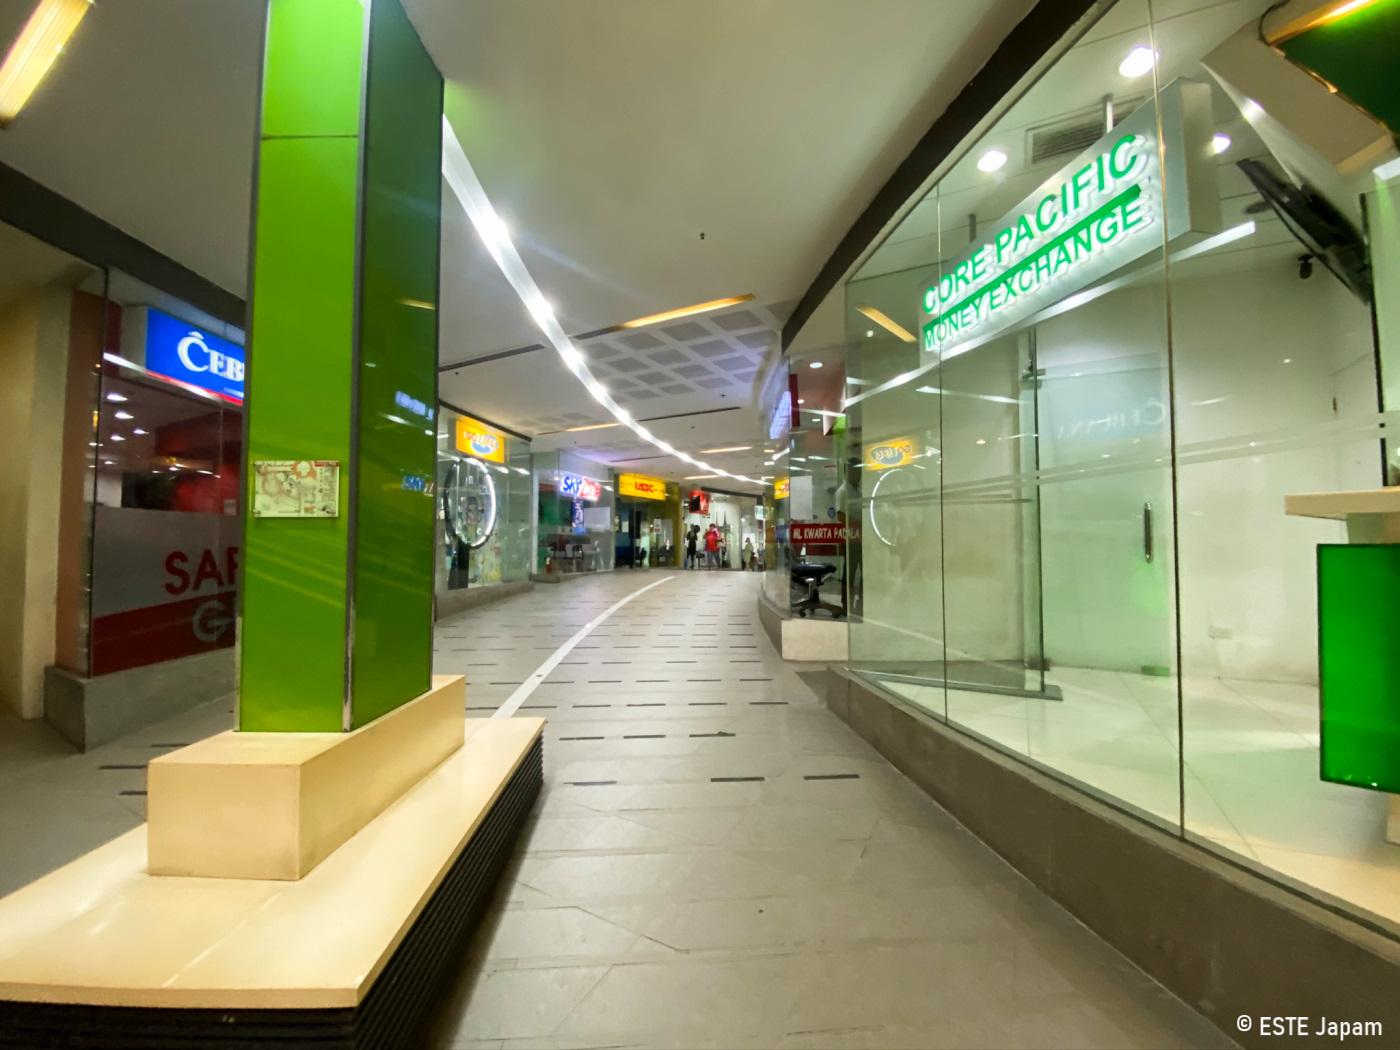 アヤラモール内4階にある両替所CORE PACIFIC前通路